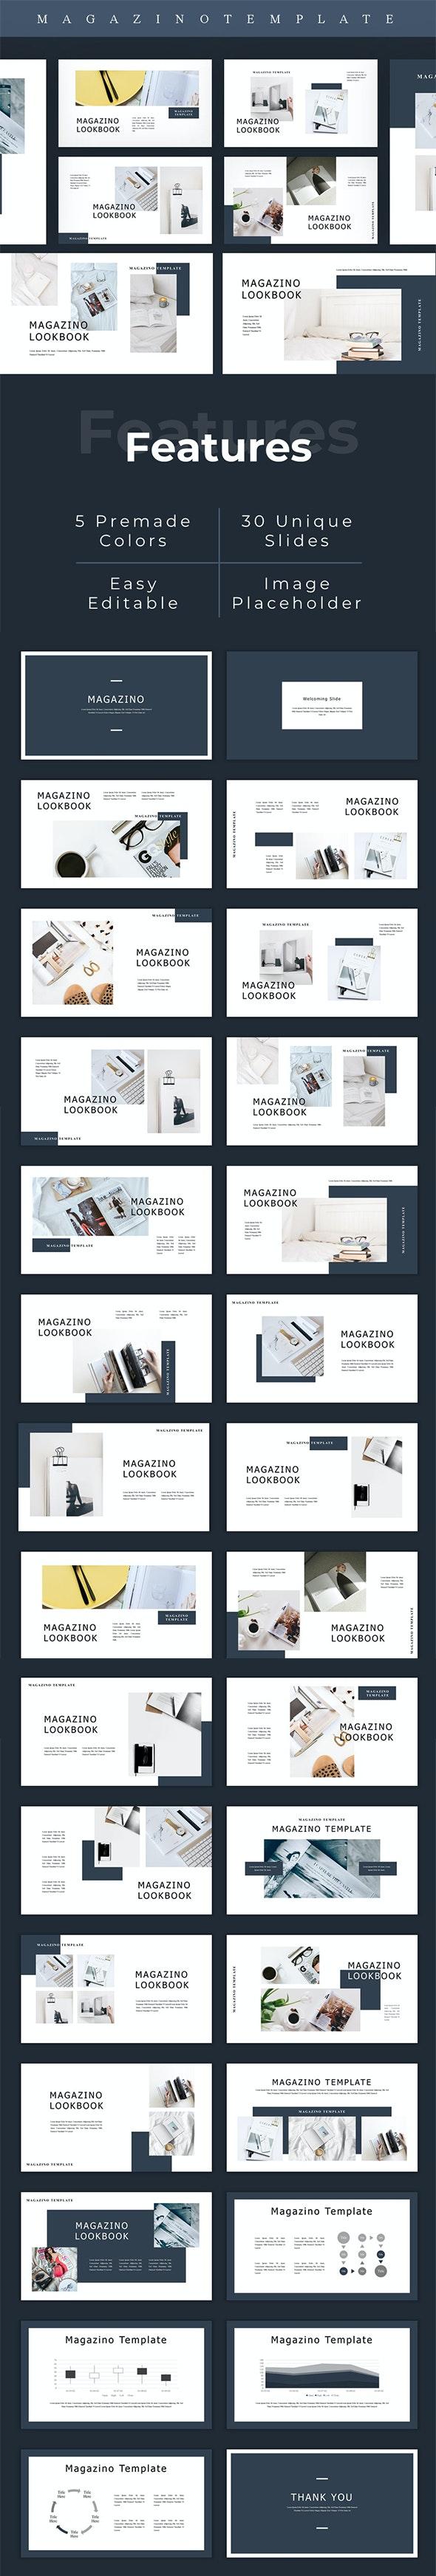 Magazino - Lookbook PowerPoint Template - Creative PowerPoint Templates